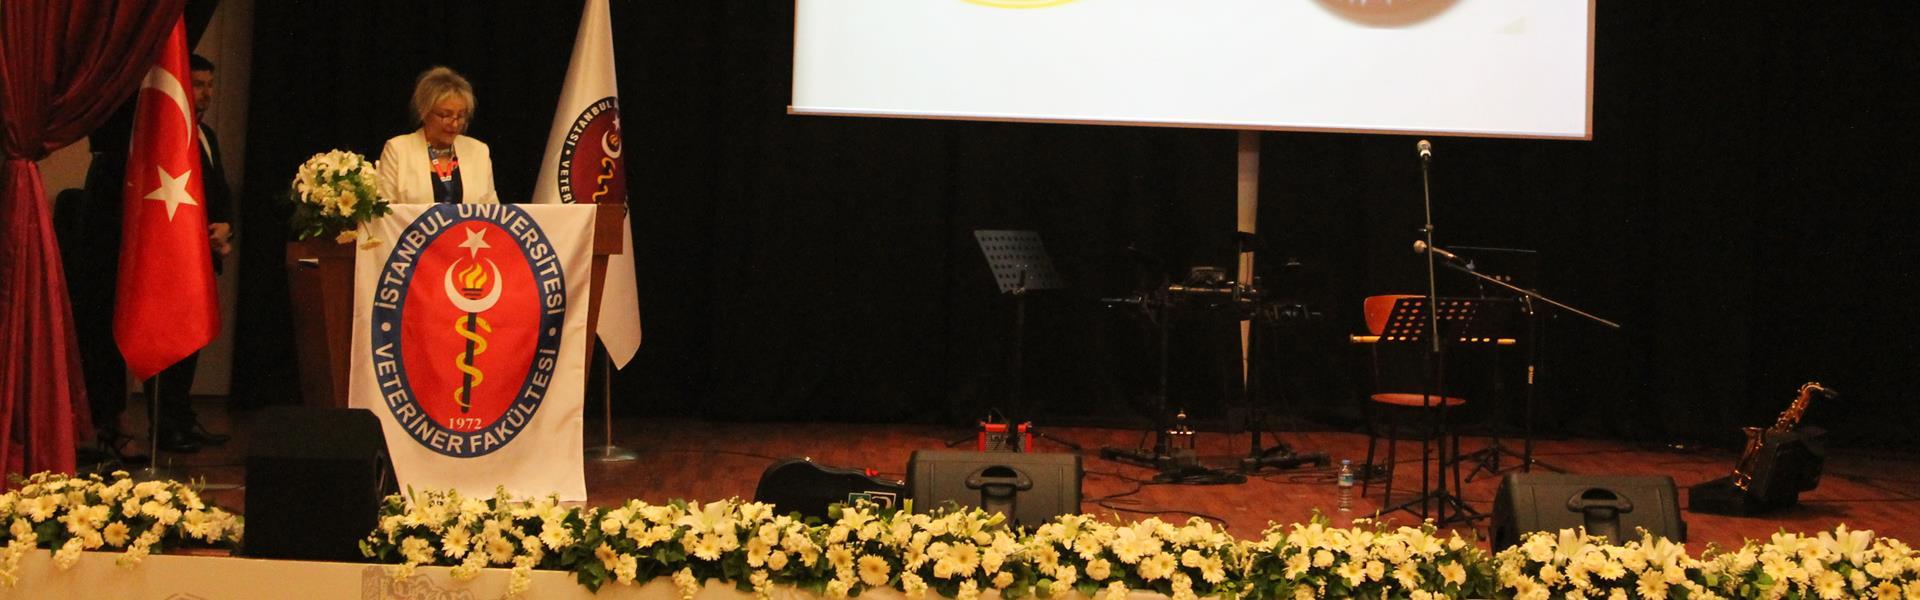 İstanbul-Üniversitesi-Cerrahpaşa İÜC iüc Veteriner-Fakültesi